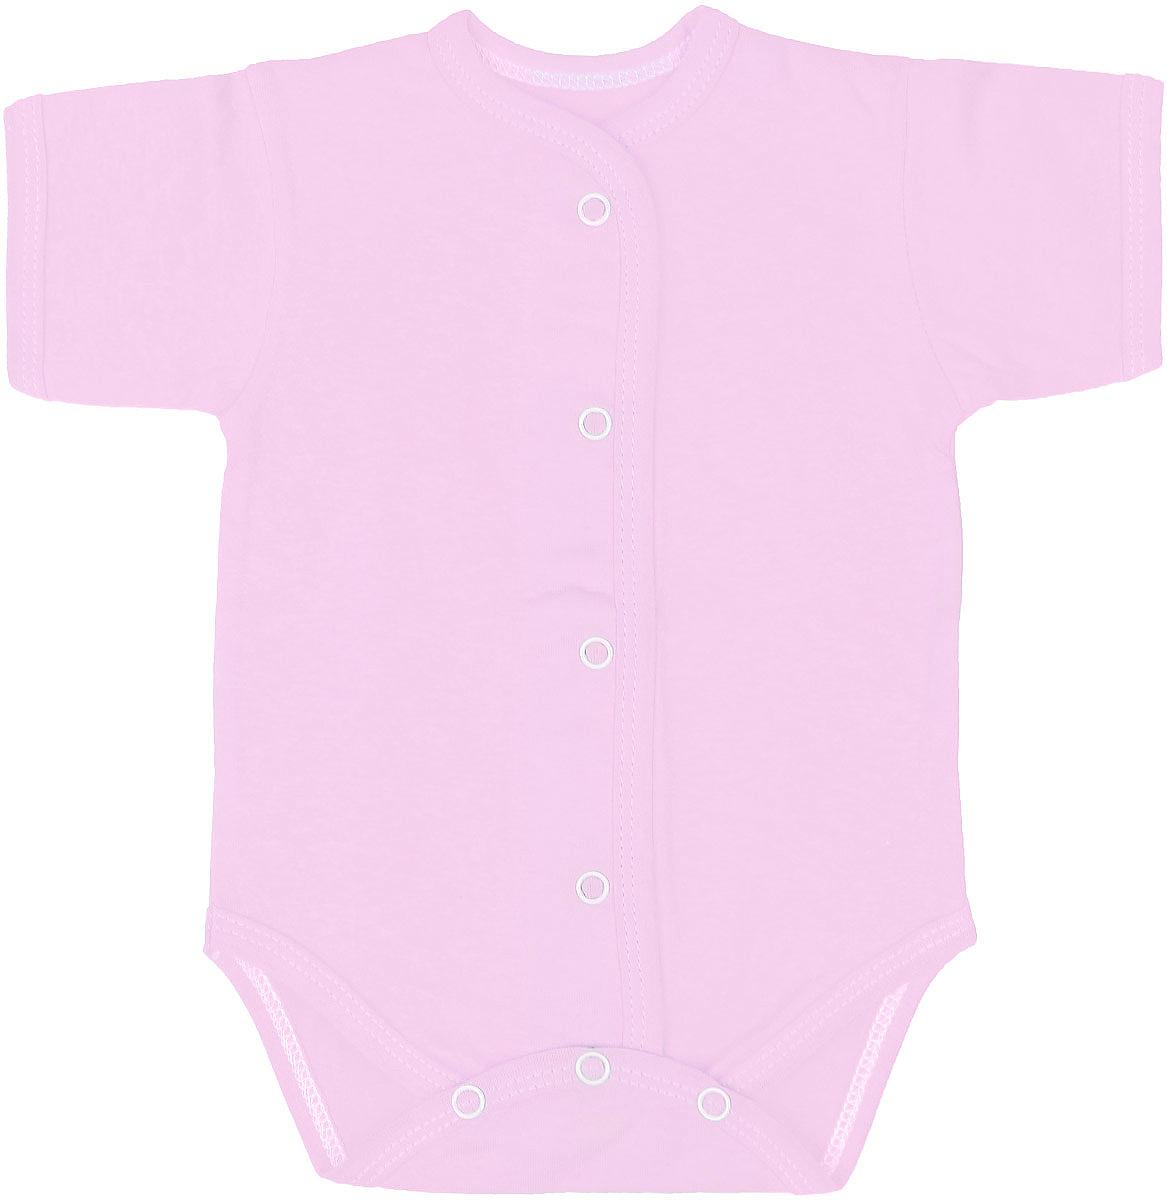 Боди детское Чудесные одежки, цвет: розовый. 5869. Размер 625869Детское боди Чудесные одежки выполнено из натурального хлопка.Боди с короткими рукавами и круглым вырезом горловины застегивается на кнопки на ластовице и спереди, что позволяет легко и быстро одеть малыша или поменять подгузник. Горловина, манжеты рукавов, полочки и проймы для ножек отделаны трикотажной лентой.